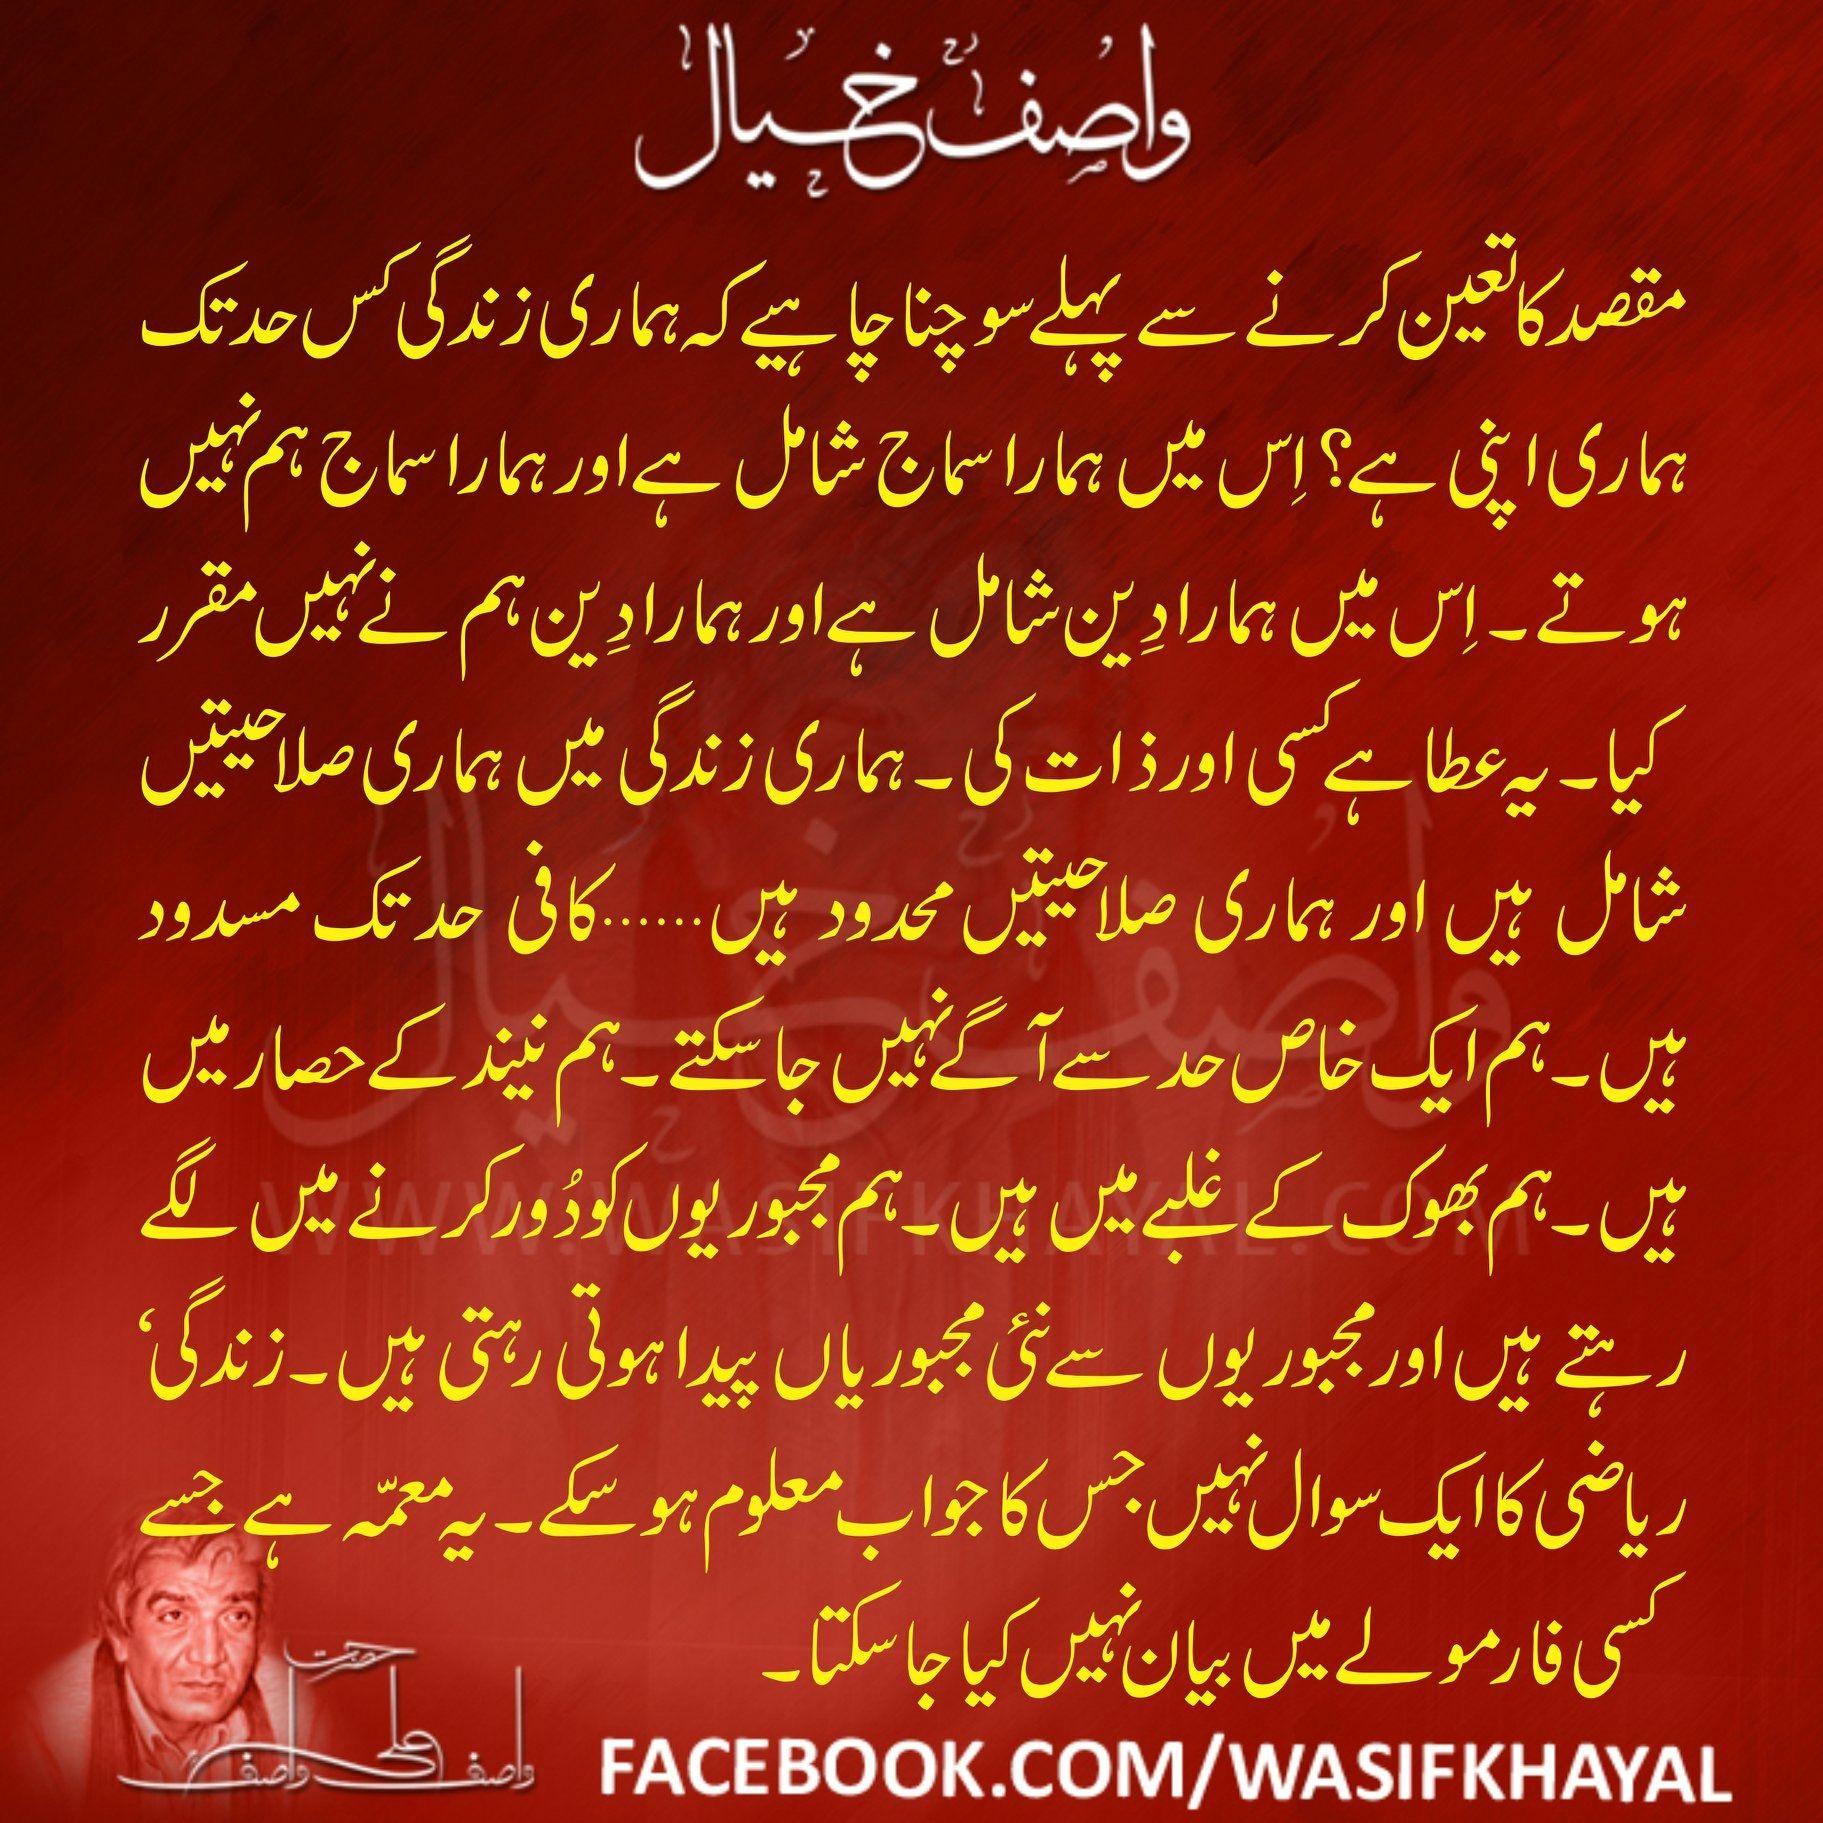 خوبصورت باتیں image by Nauman | Sufi quotes, Deep words ...